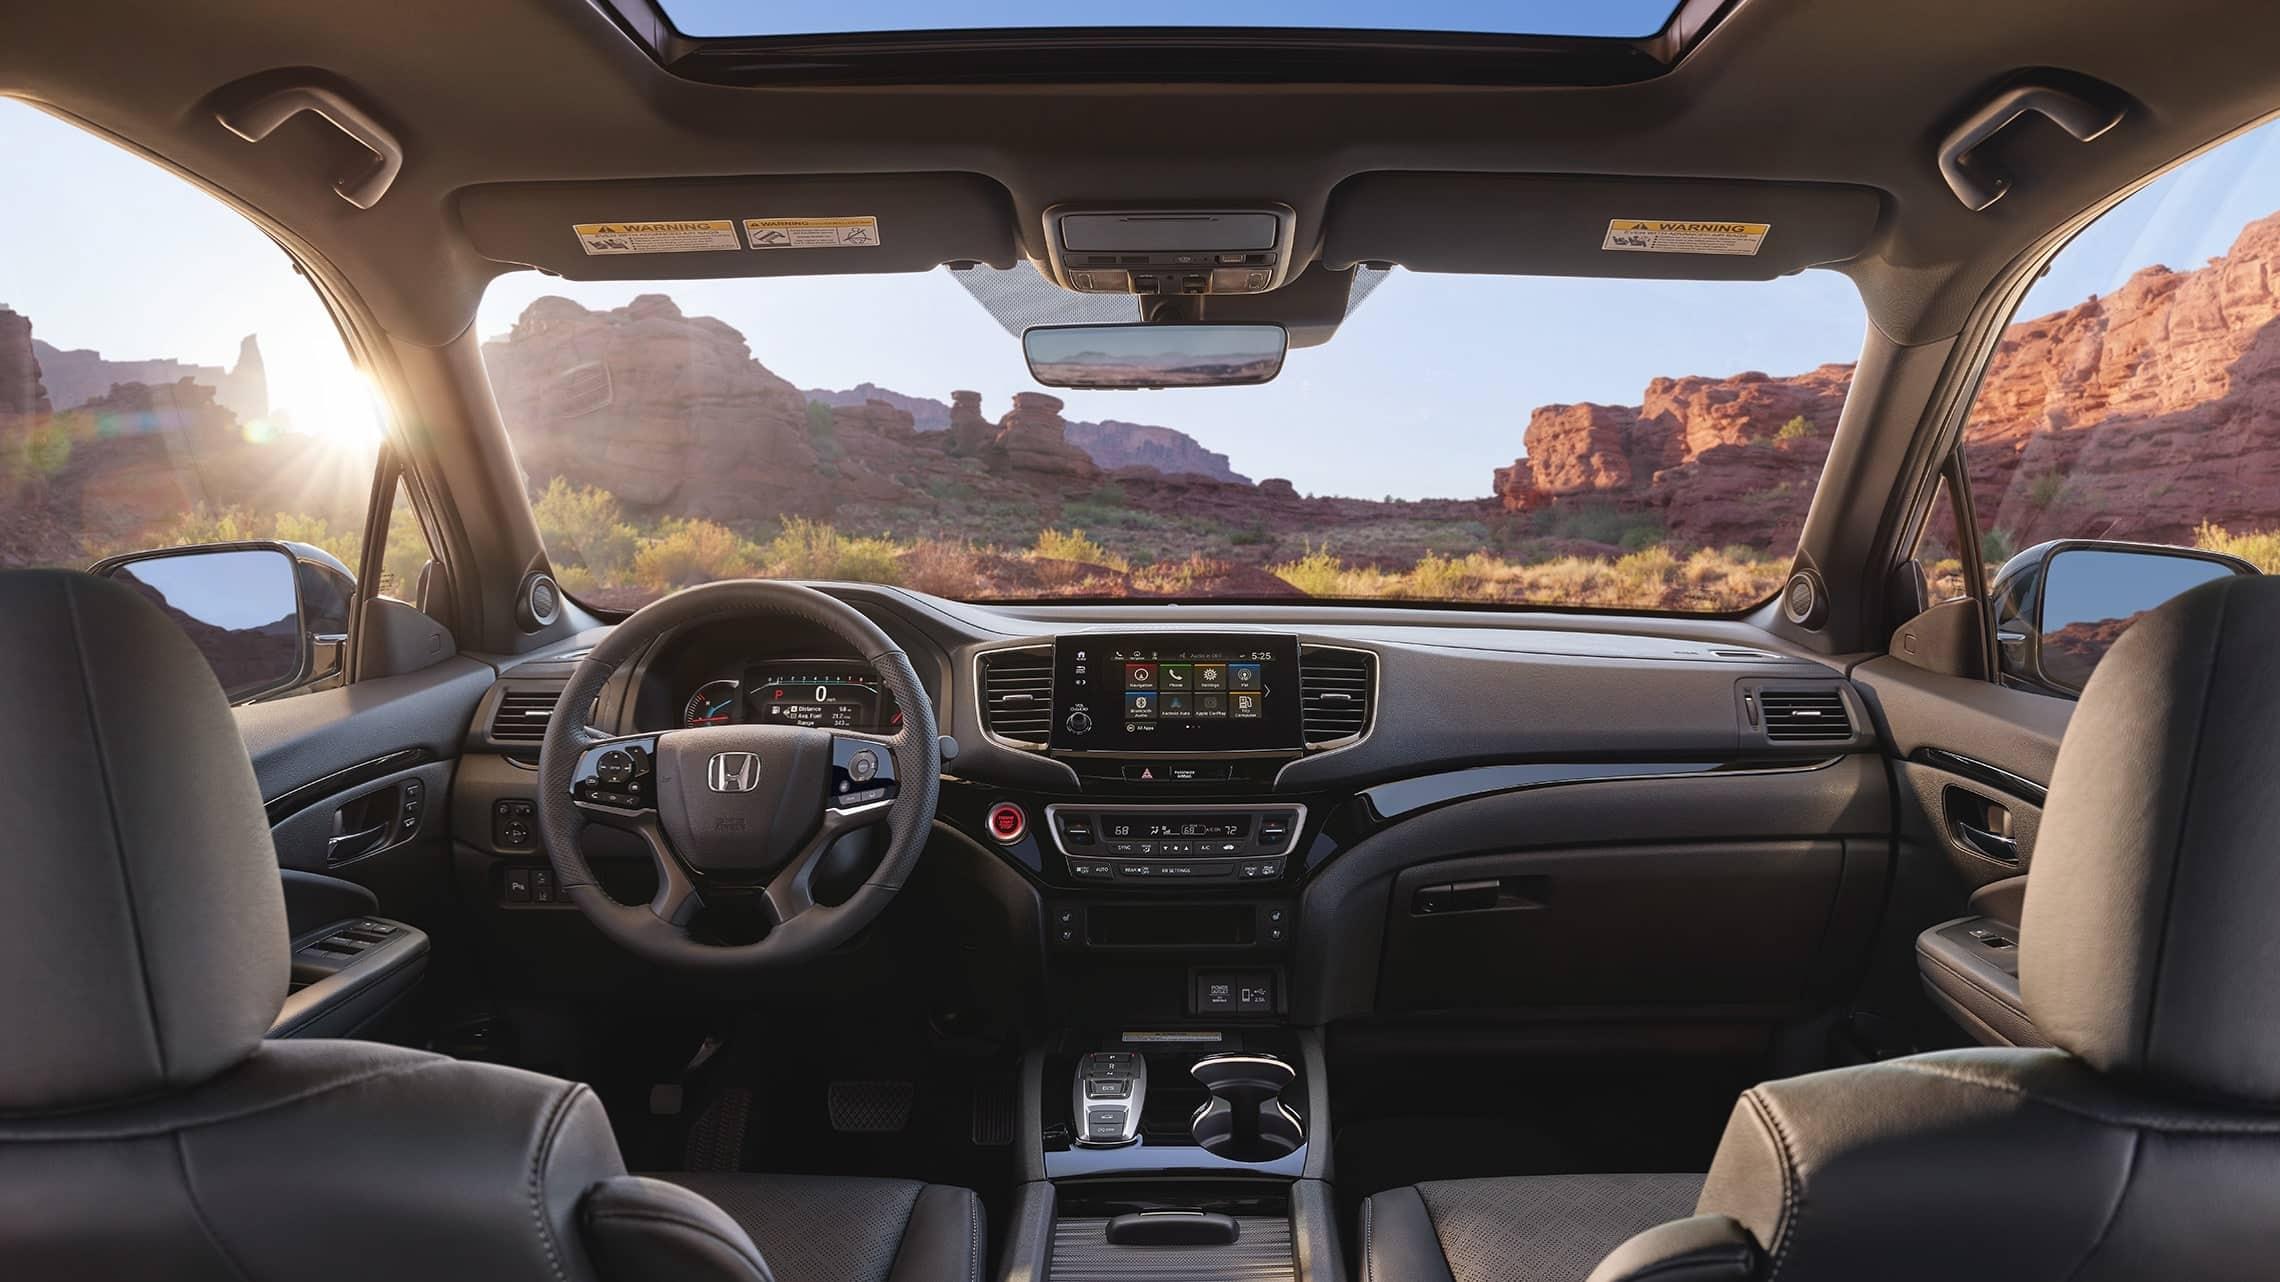 Vista del interior de la Honda Passport Elite2019 en Black Leather que muestra el panel de instrumentos principal, con la integración con Apple CarPlay™ en la pantalla táctil del sistema de audio.